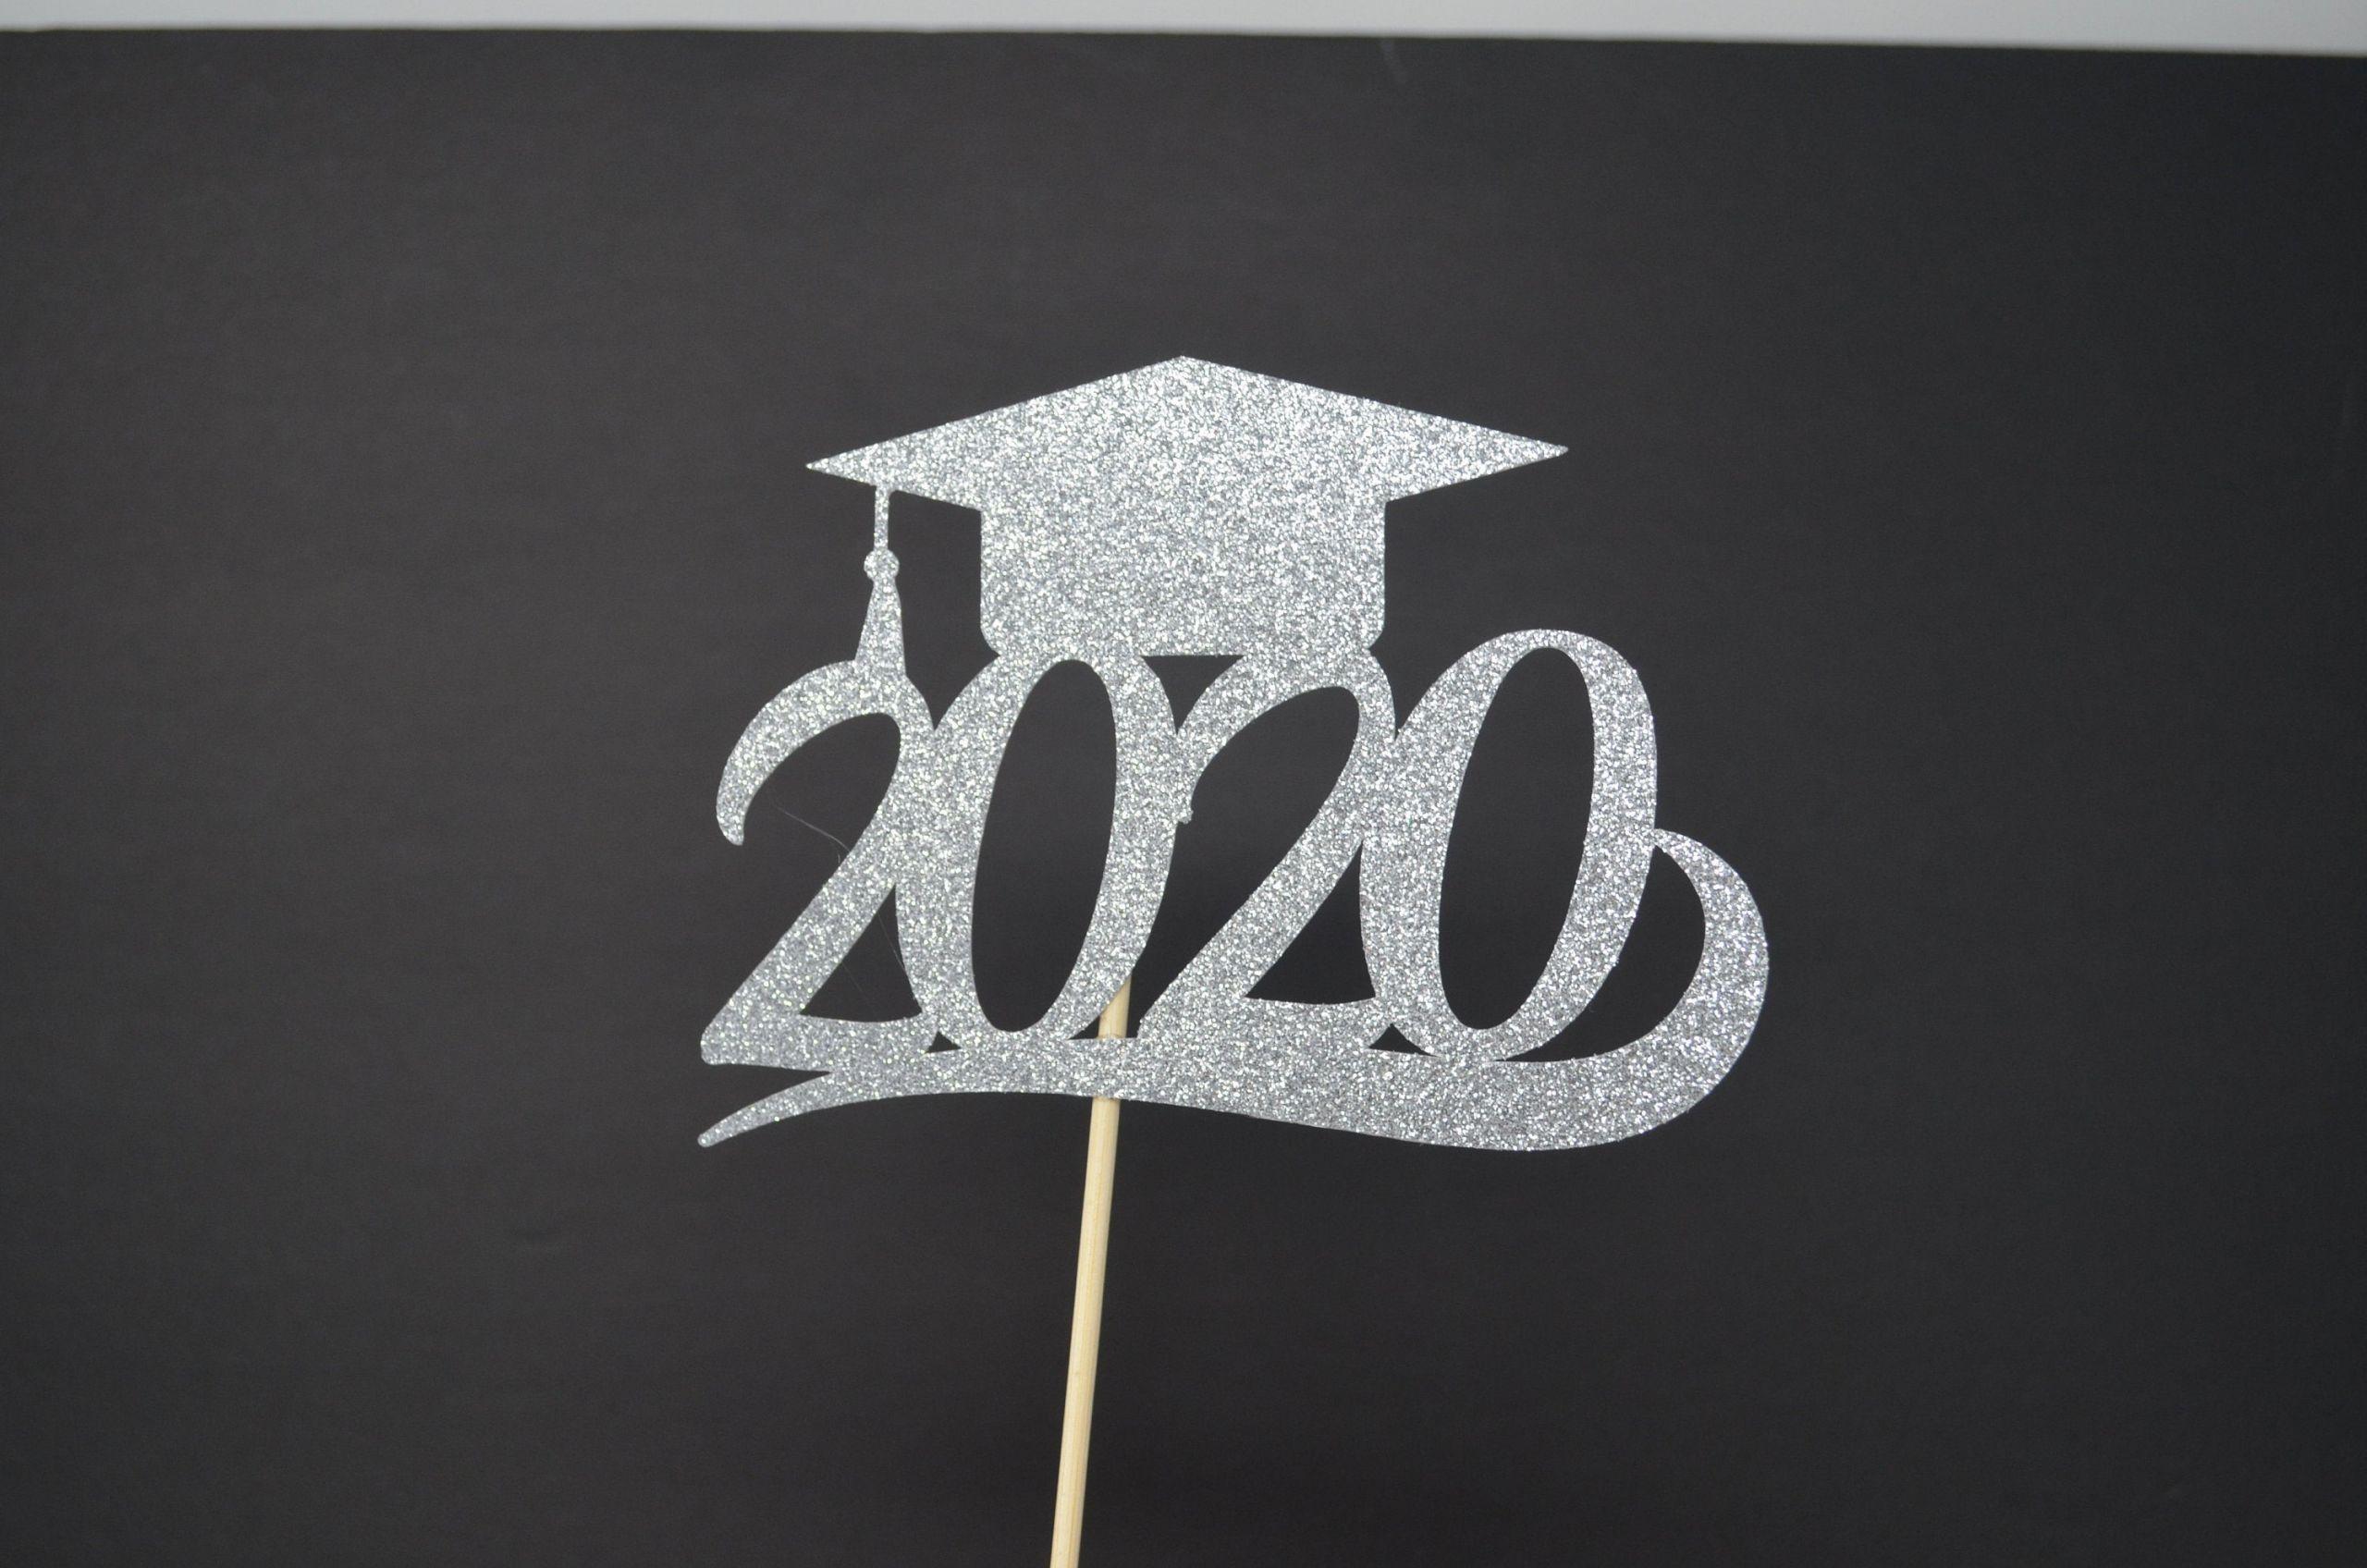 2020 Graduation Party Ideas  Graduation party decorations 2020 graduation table decor